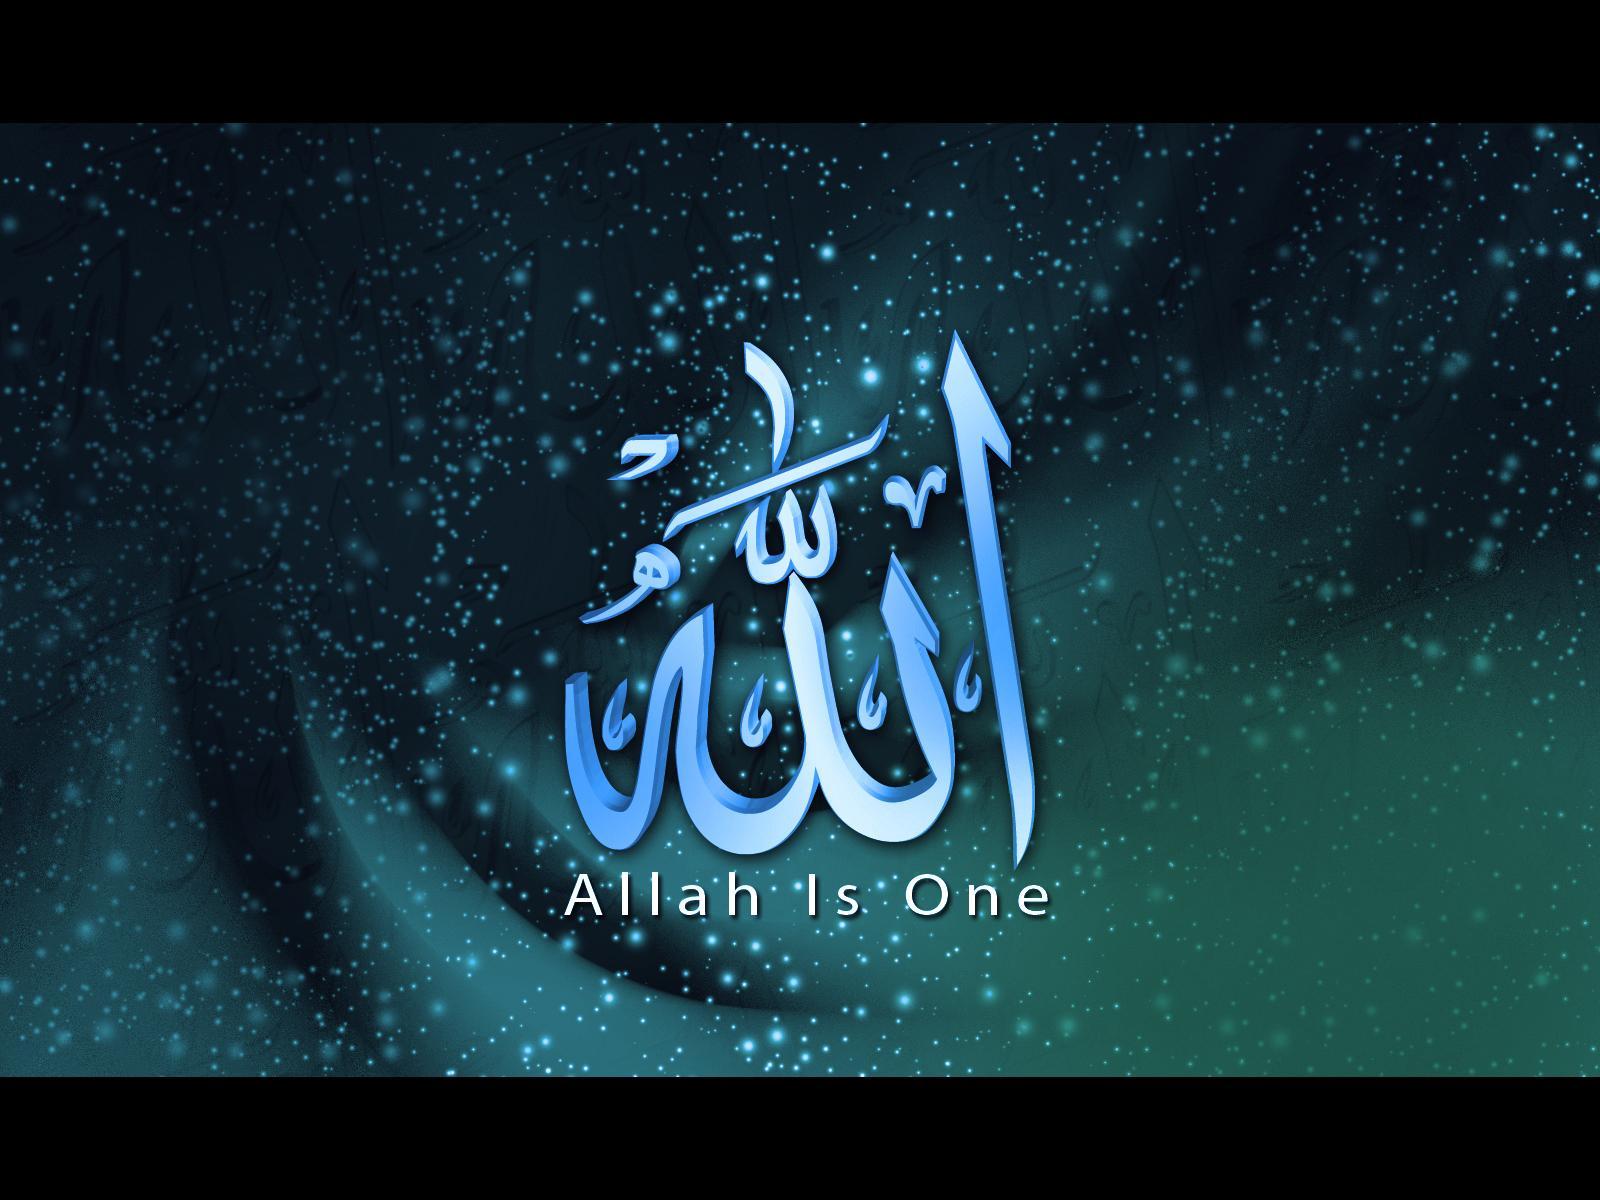 http://4.bp.blogspot.com/-40na0tQ99Fw/TrlJe-fFc6I/AAAAAAAAJ7w/5KaZvc5IqwI/s1600/ALLAH-islam-25006535-1600-1200.jpg